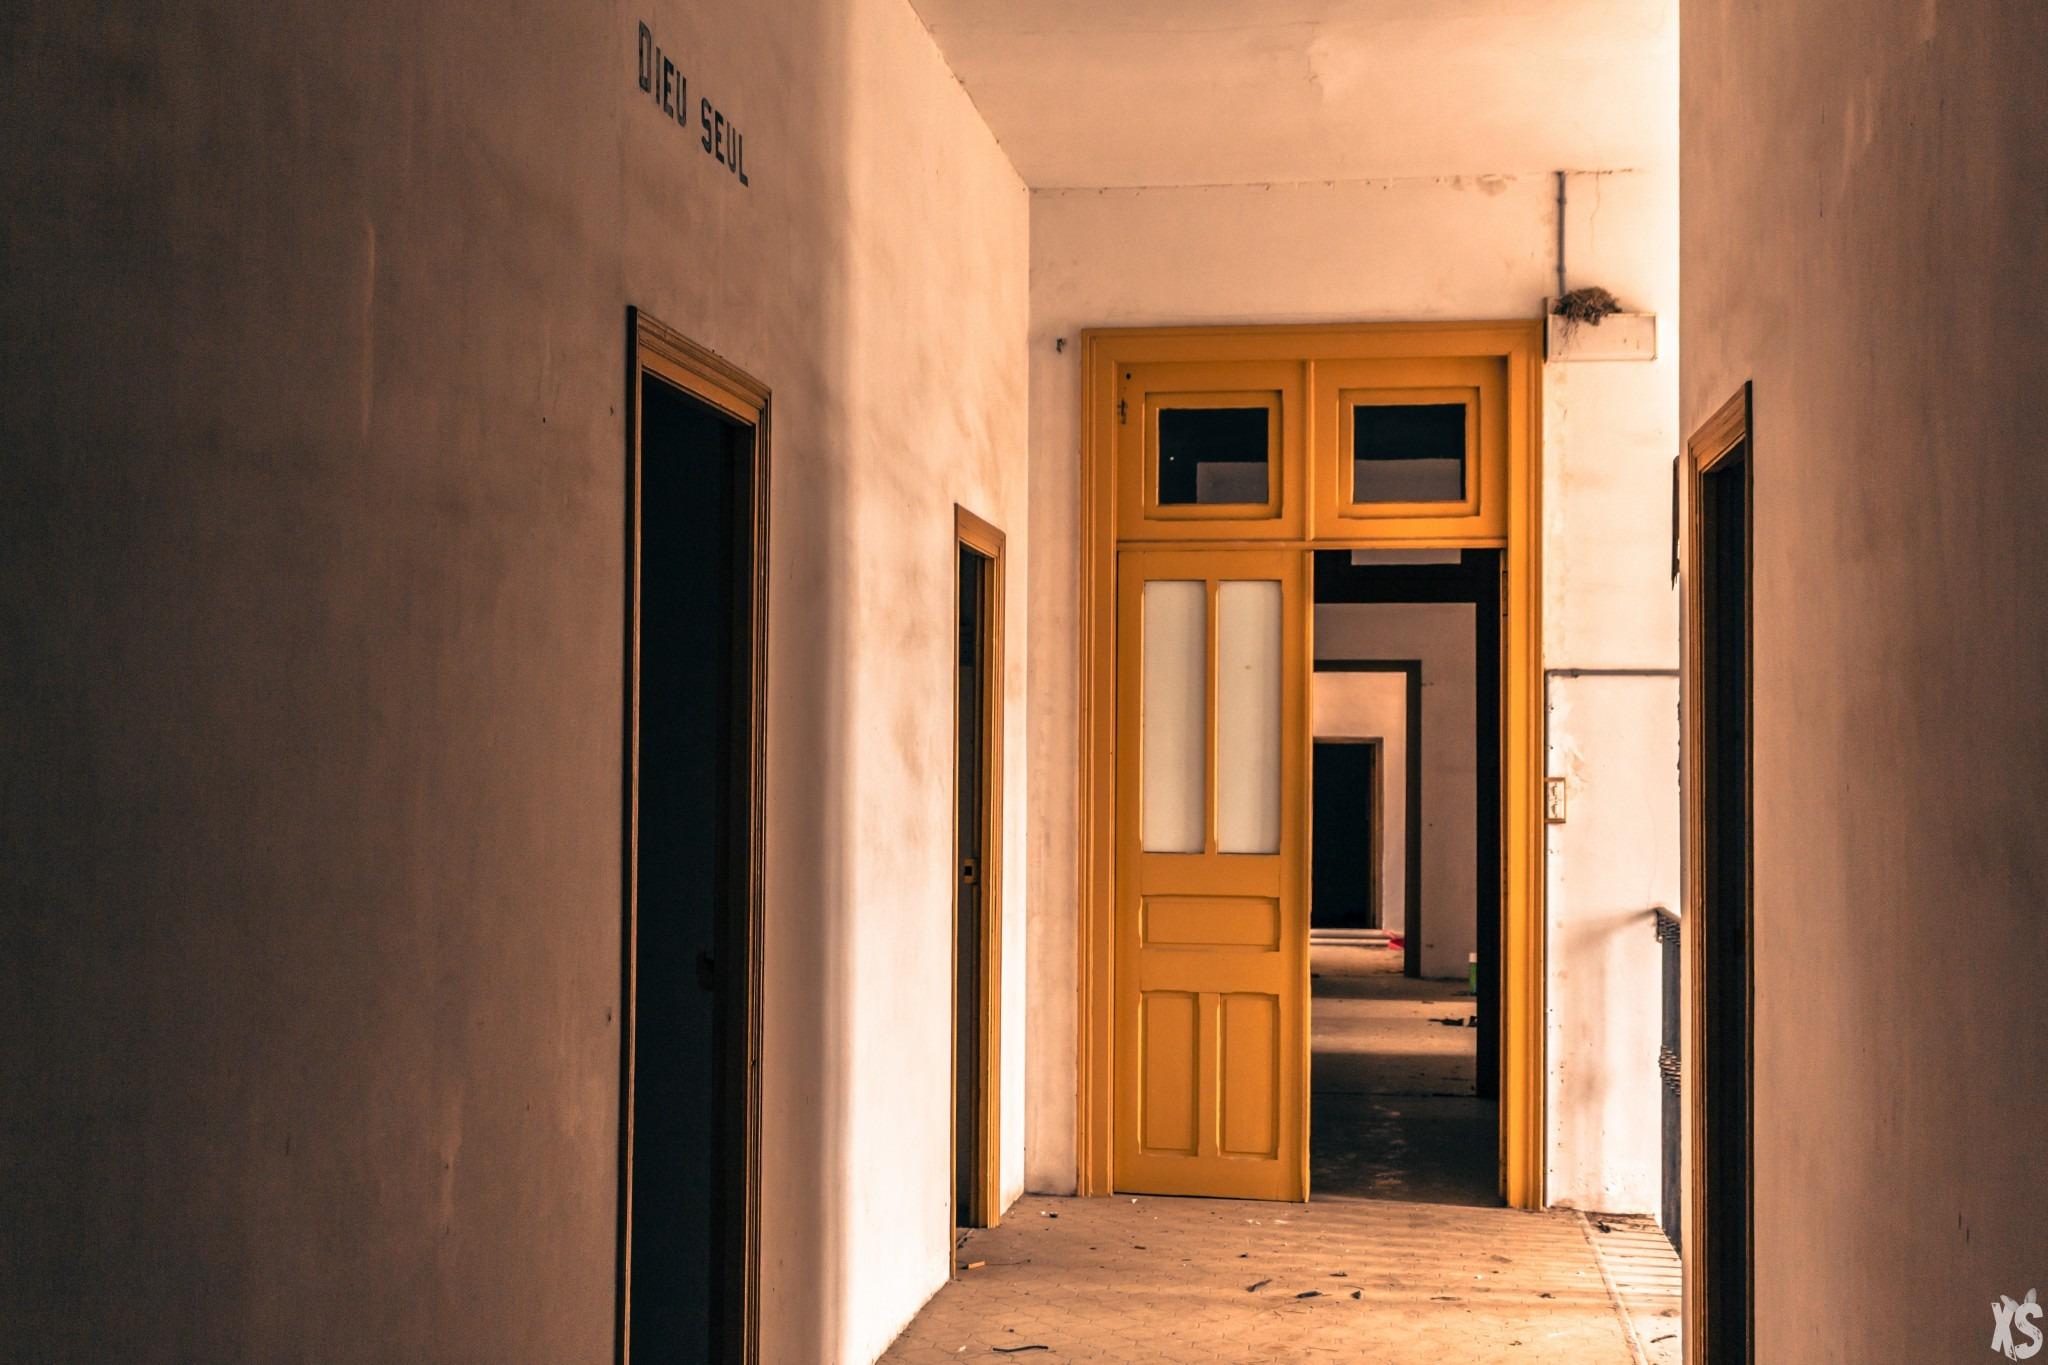 Couvent abandonné en France | urbexsession.com/couvent-michelle-martin | Urbex France